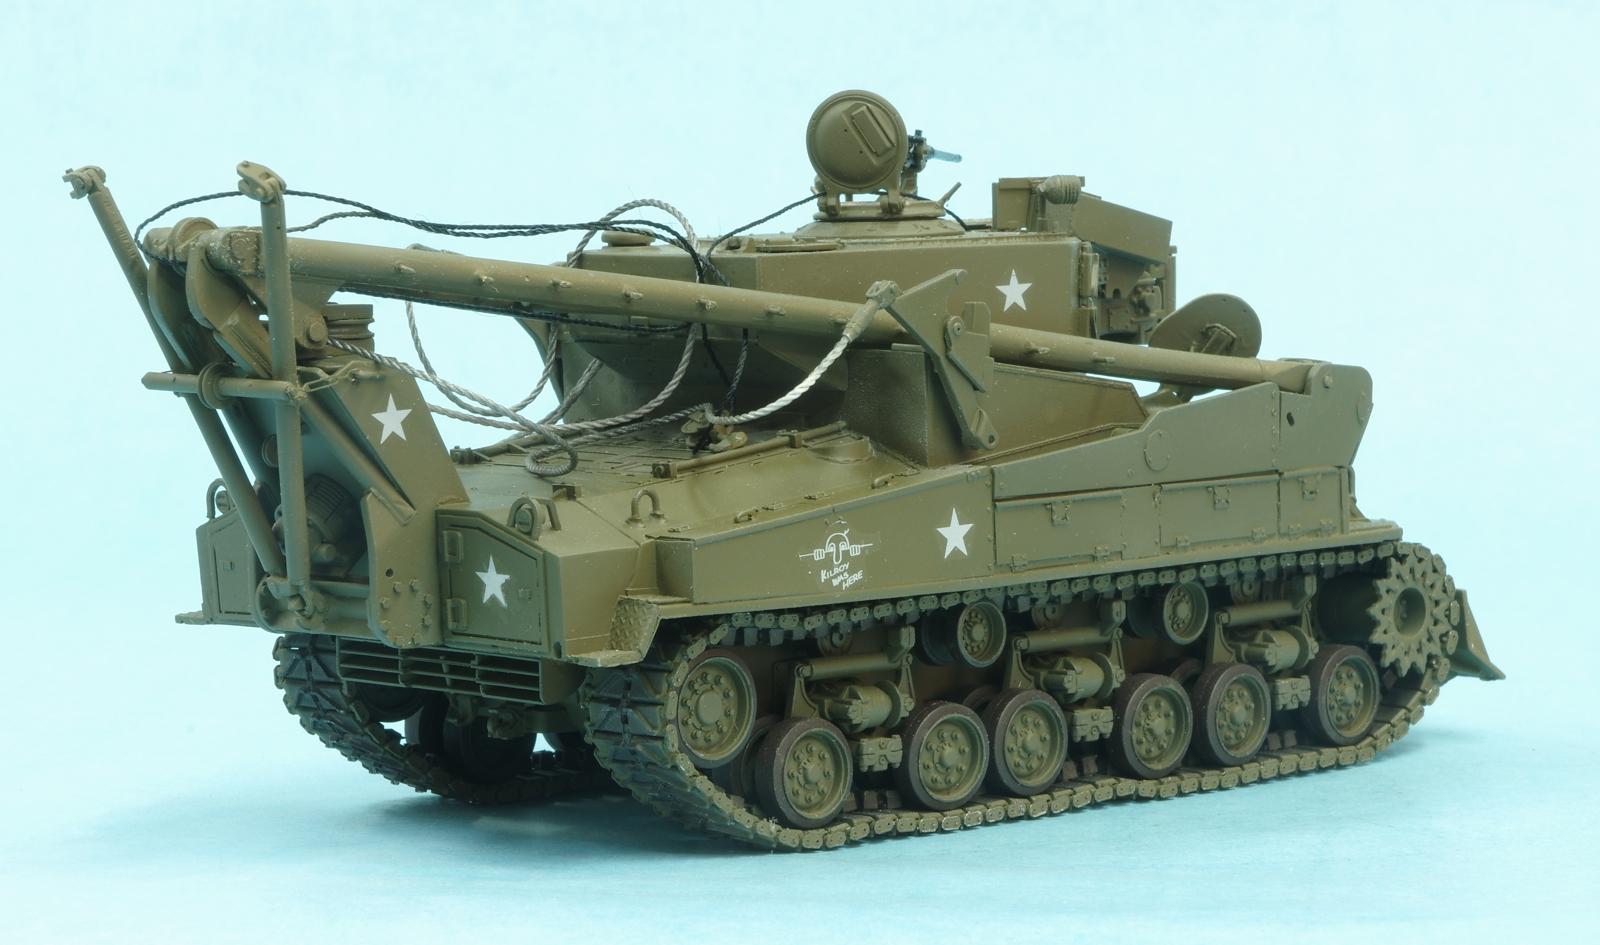 http://goldeneramodel.com/mymodels/armor/m74/046m74.jpg